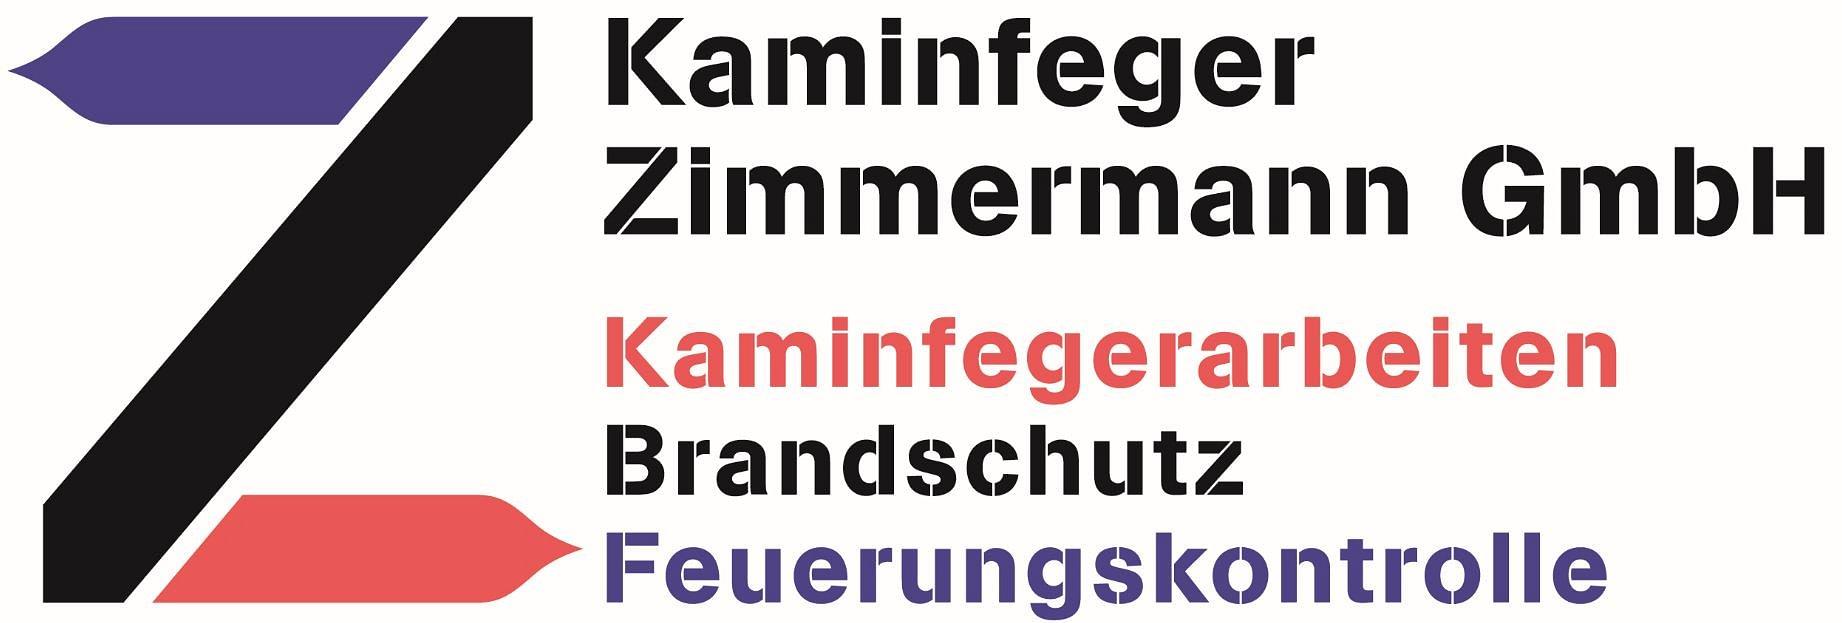 Kaminfeger Zimmermann GmbH